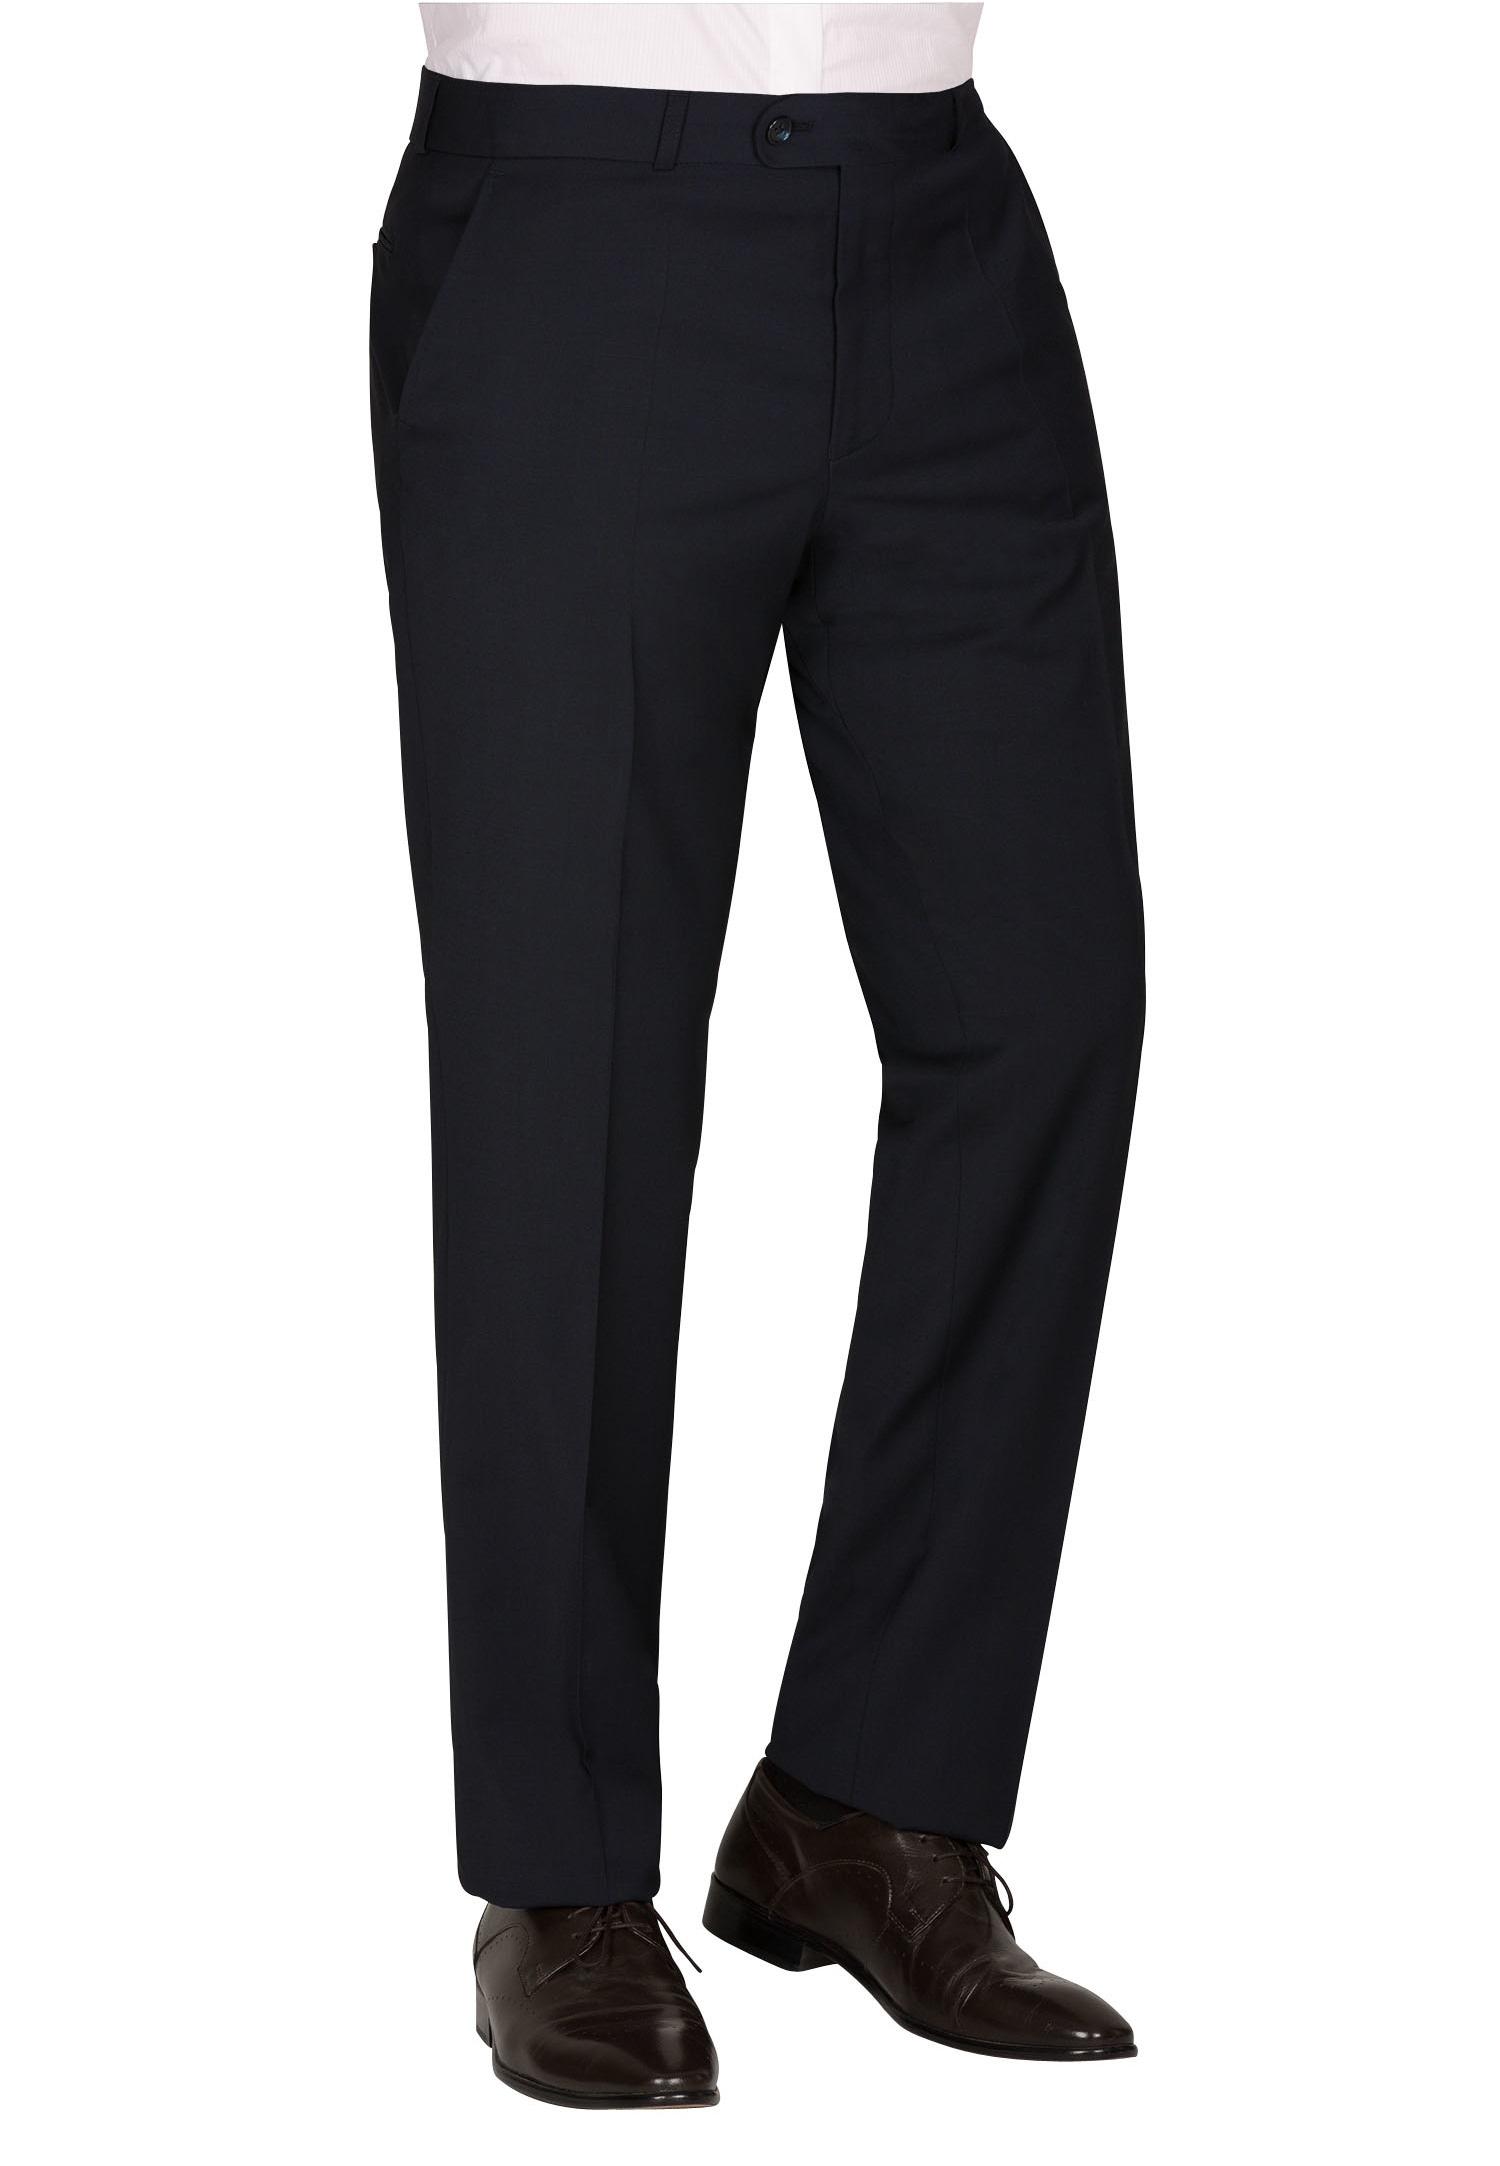 CARL GROSS Anzughose CG TR-Sascha_A | Bekleidung > Hosen > Anzughosen | Blau | Baumwolle | Carl Gross